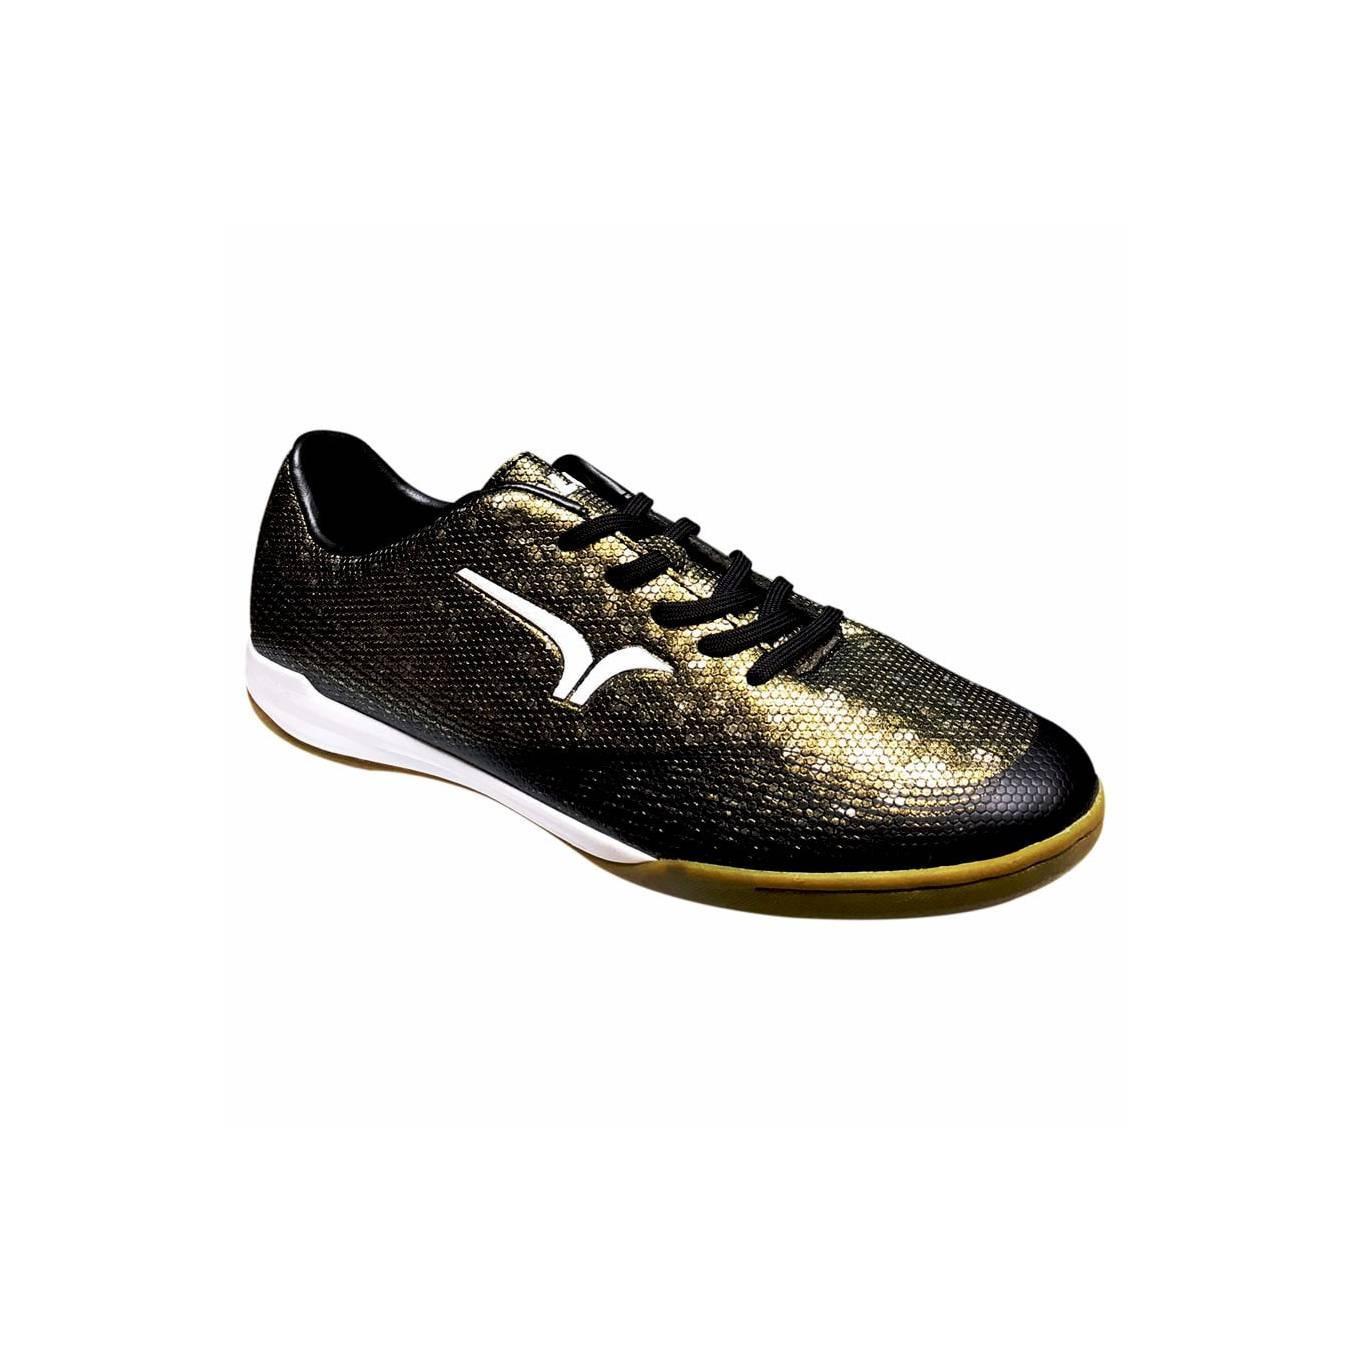 Jual Calci Sepatu Futsal Conquest - Black Gold Murah